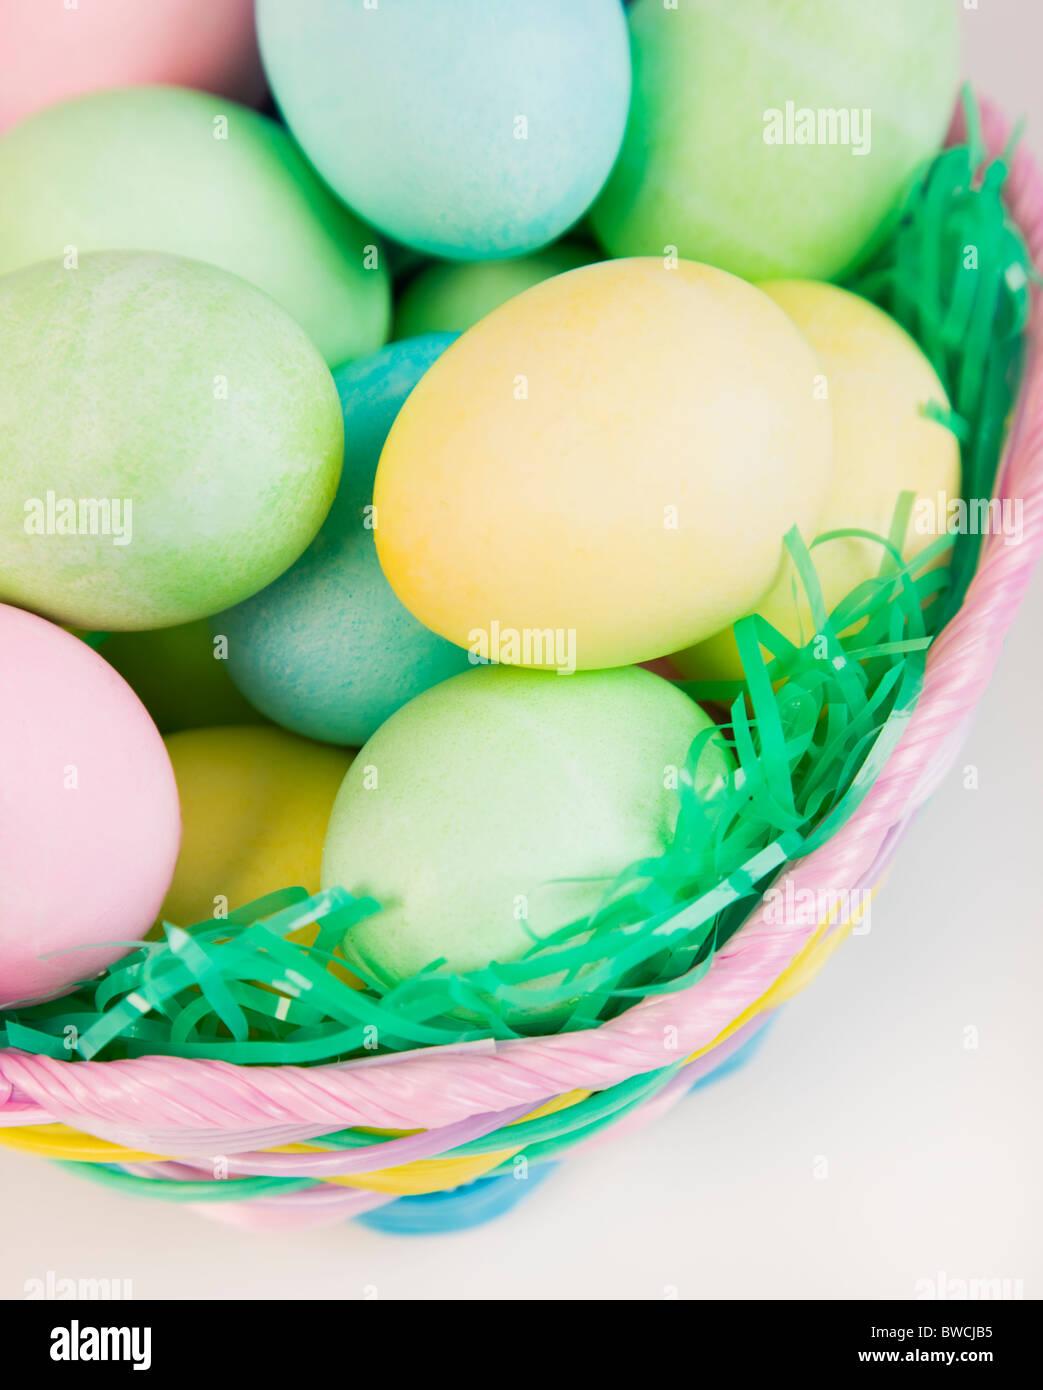 Foto de estudio de huevos de Pascua en la cesta Imagen De Stock